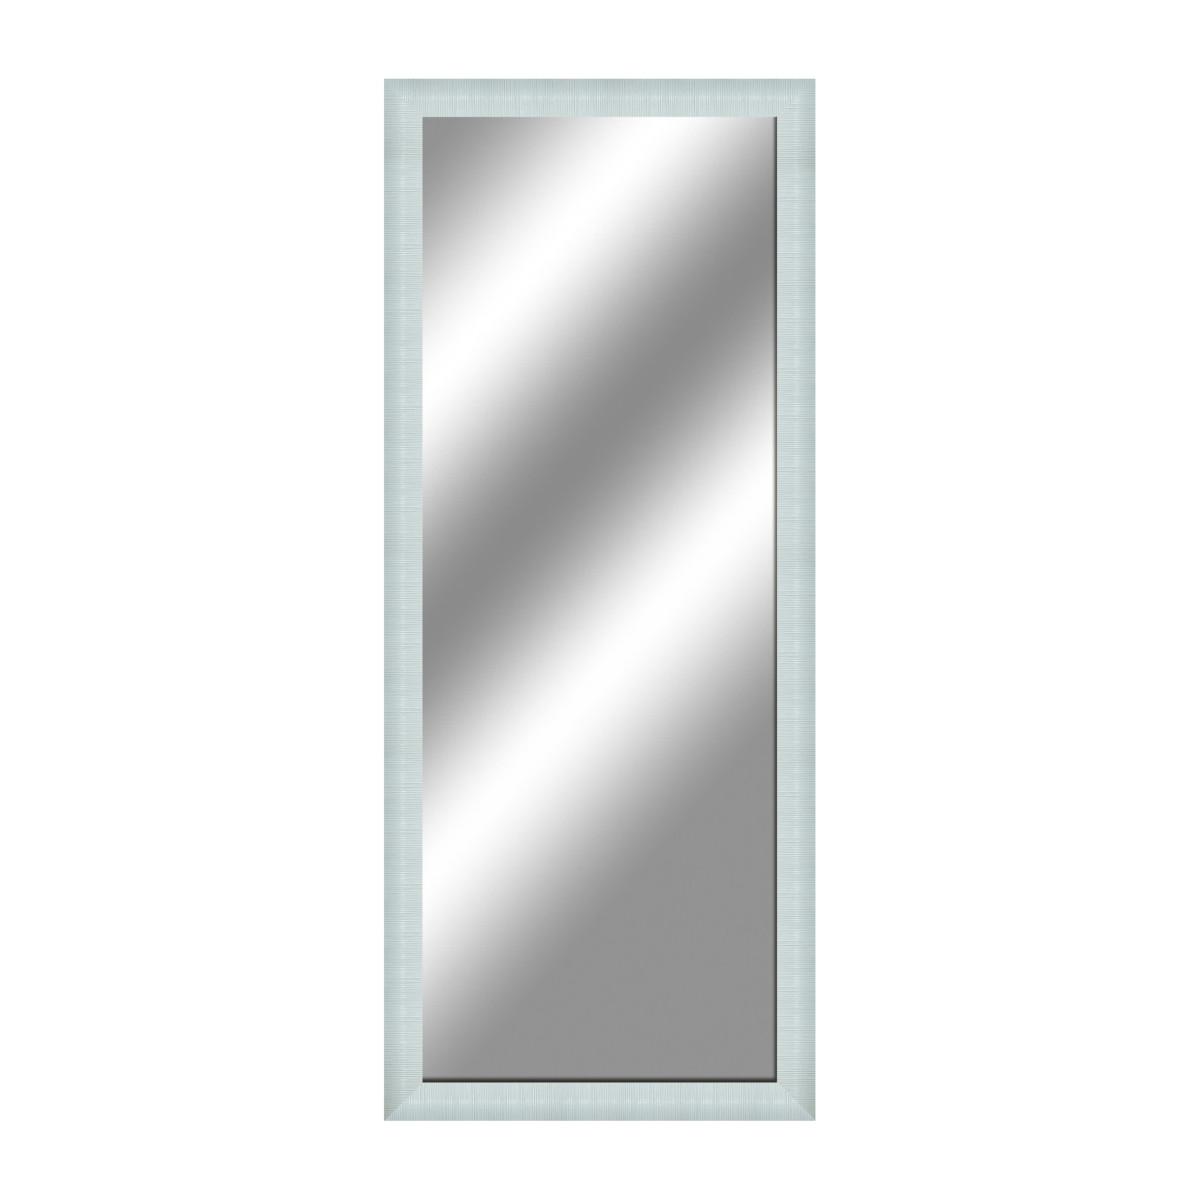 Specchio sibilla bianco 70 x 90 cm prezzi e offerte online for Scarpiera specchio leroy merlin